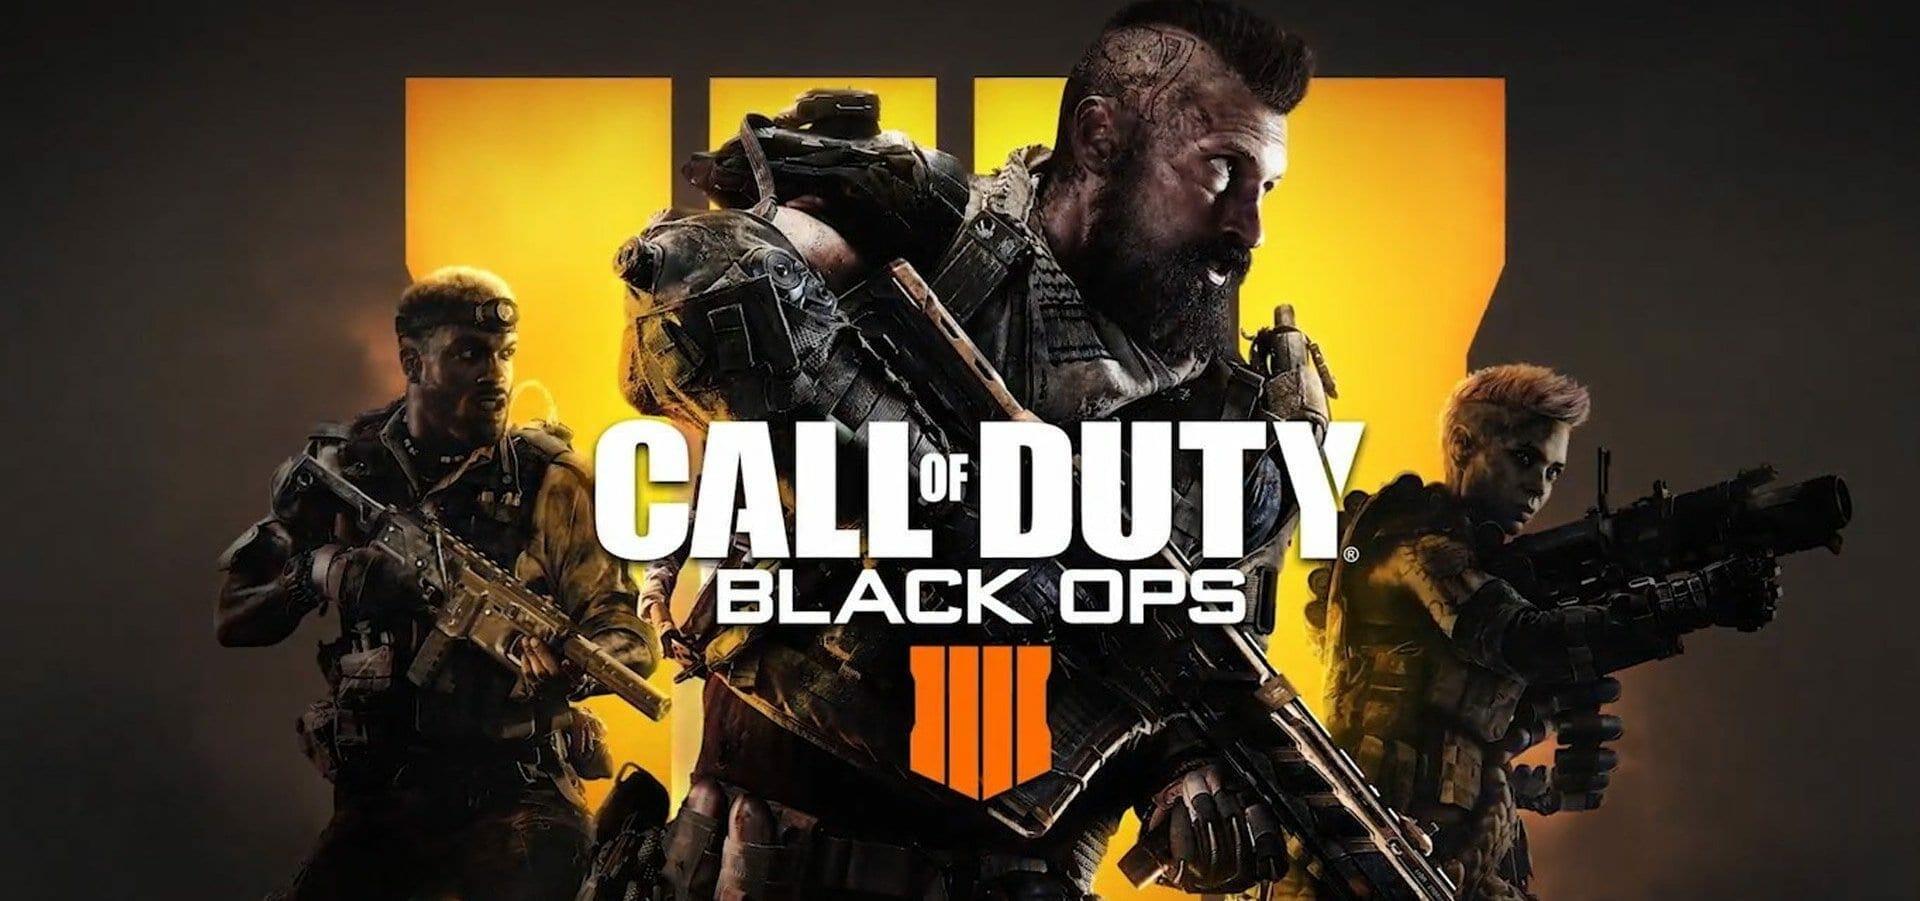 black ops 4 trophies list leaked